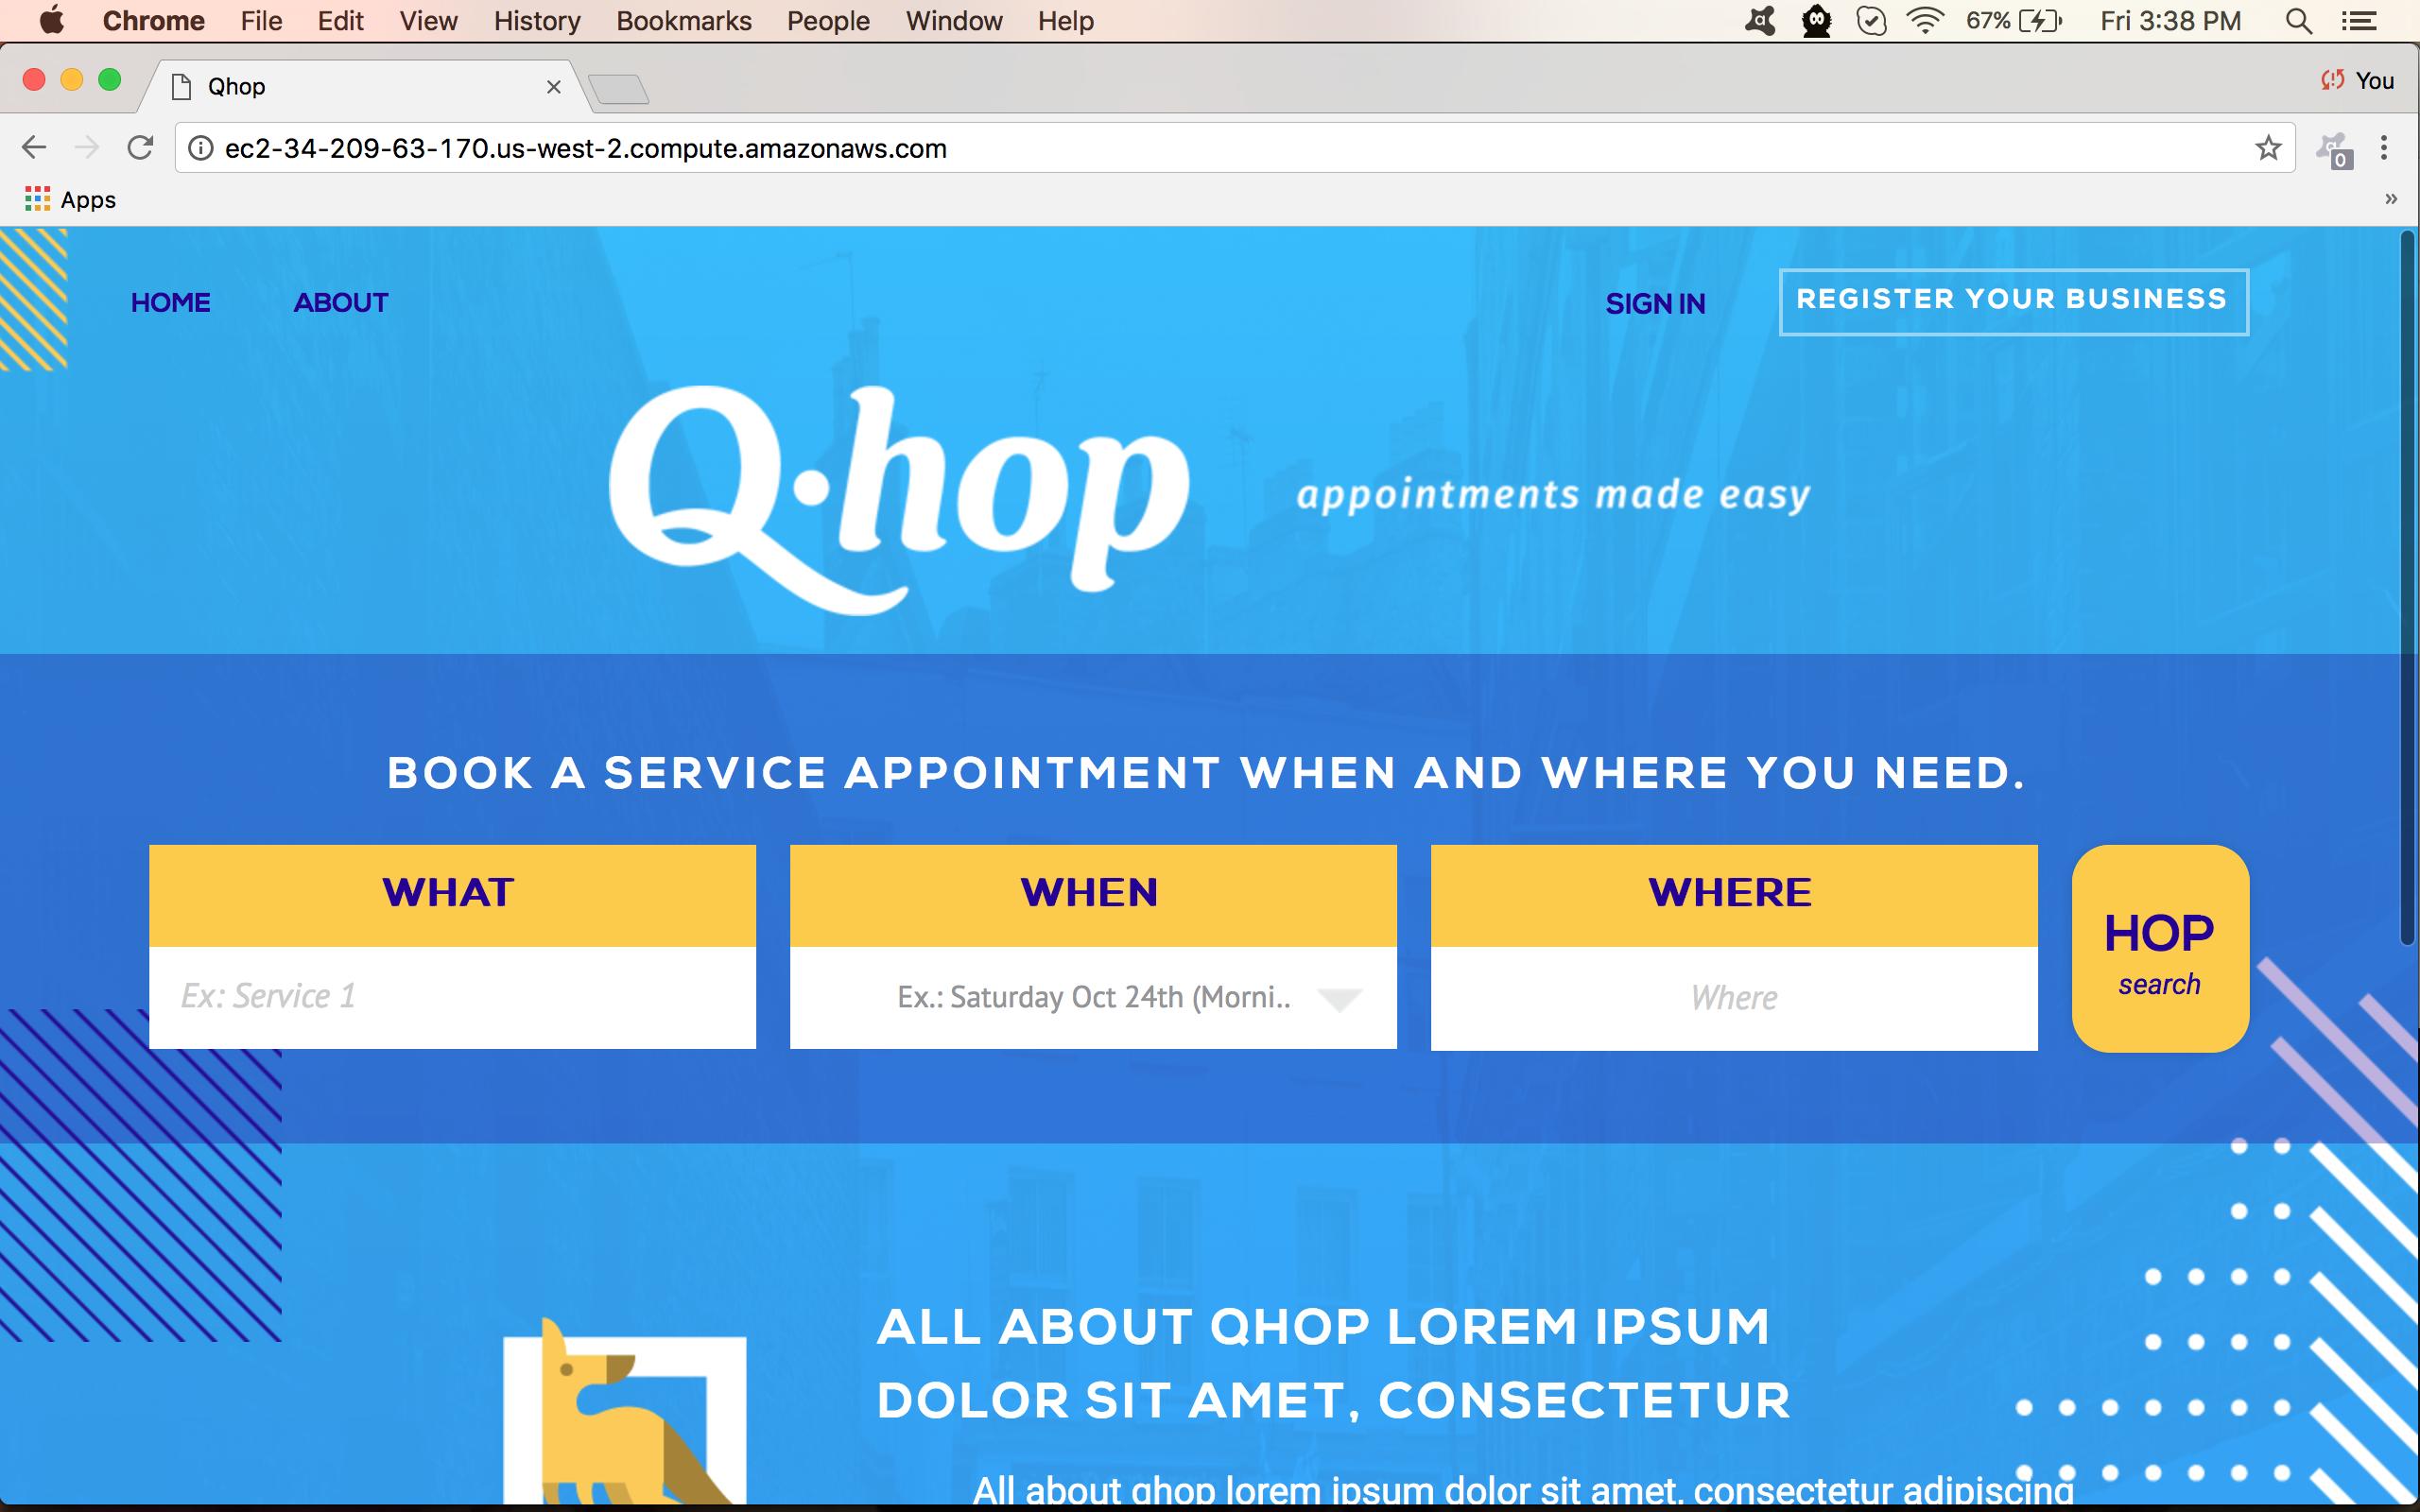 Qhop Node JS Web Application by LEADconcept 528333 - Freelancer on Guru